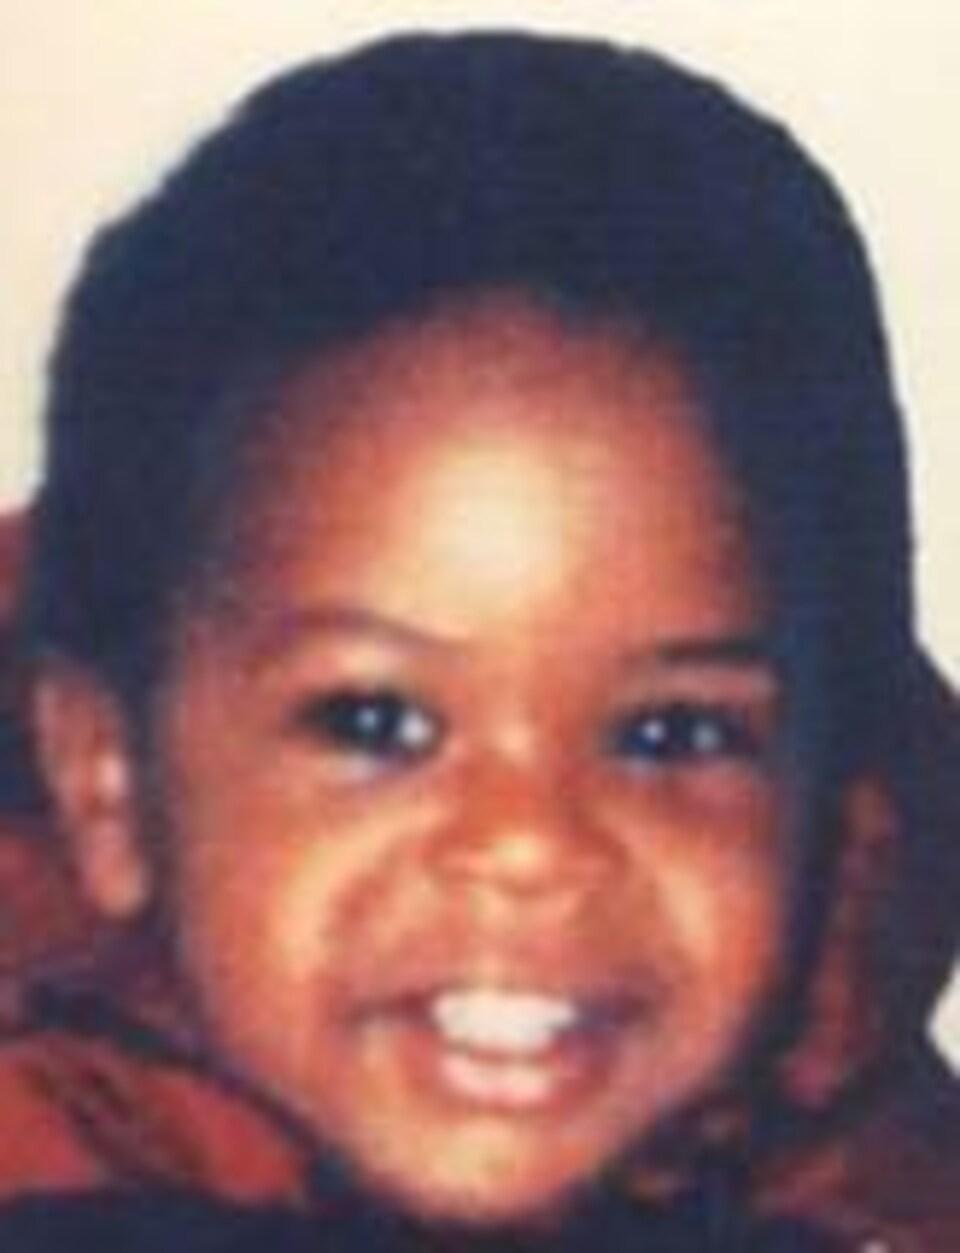 Photo du visage d'un bambin noir